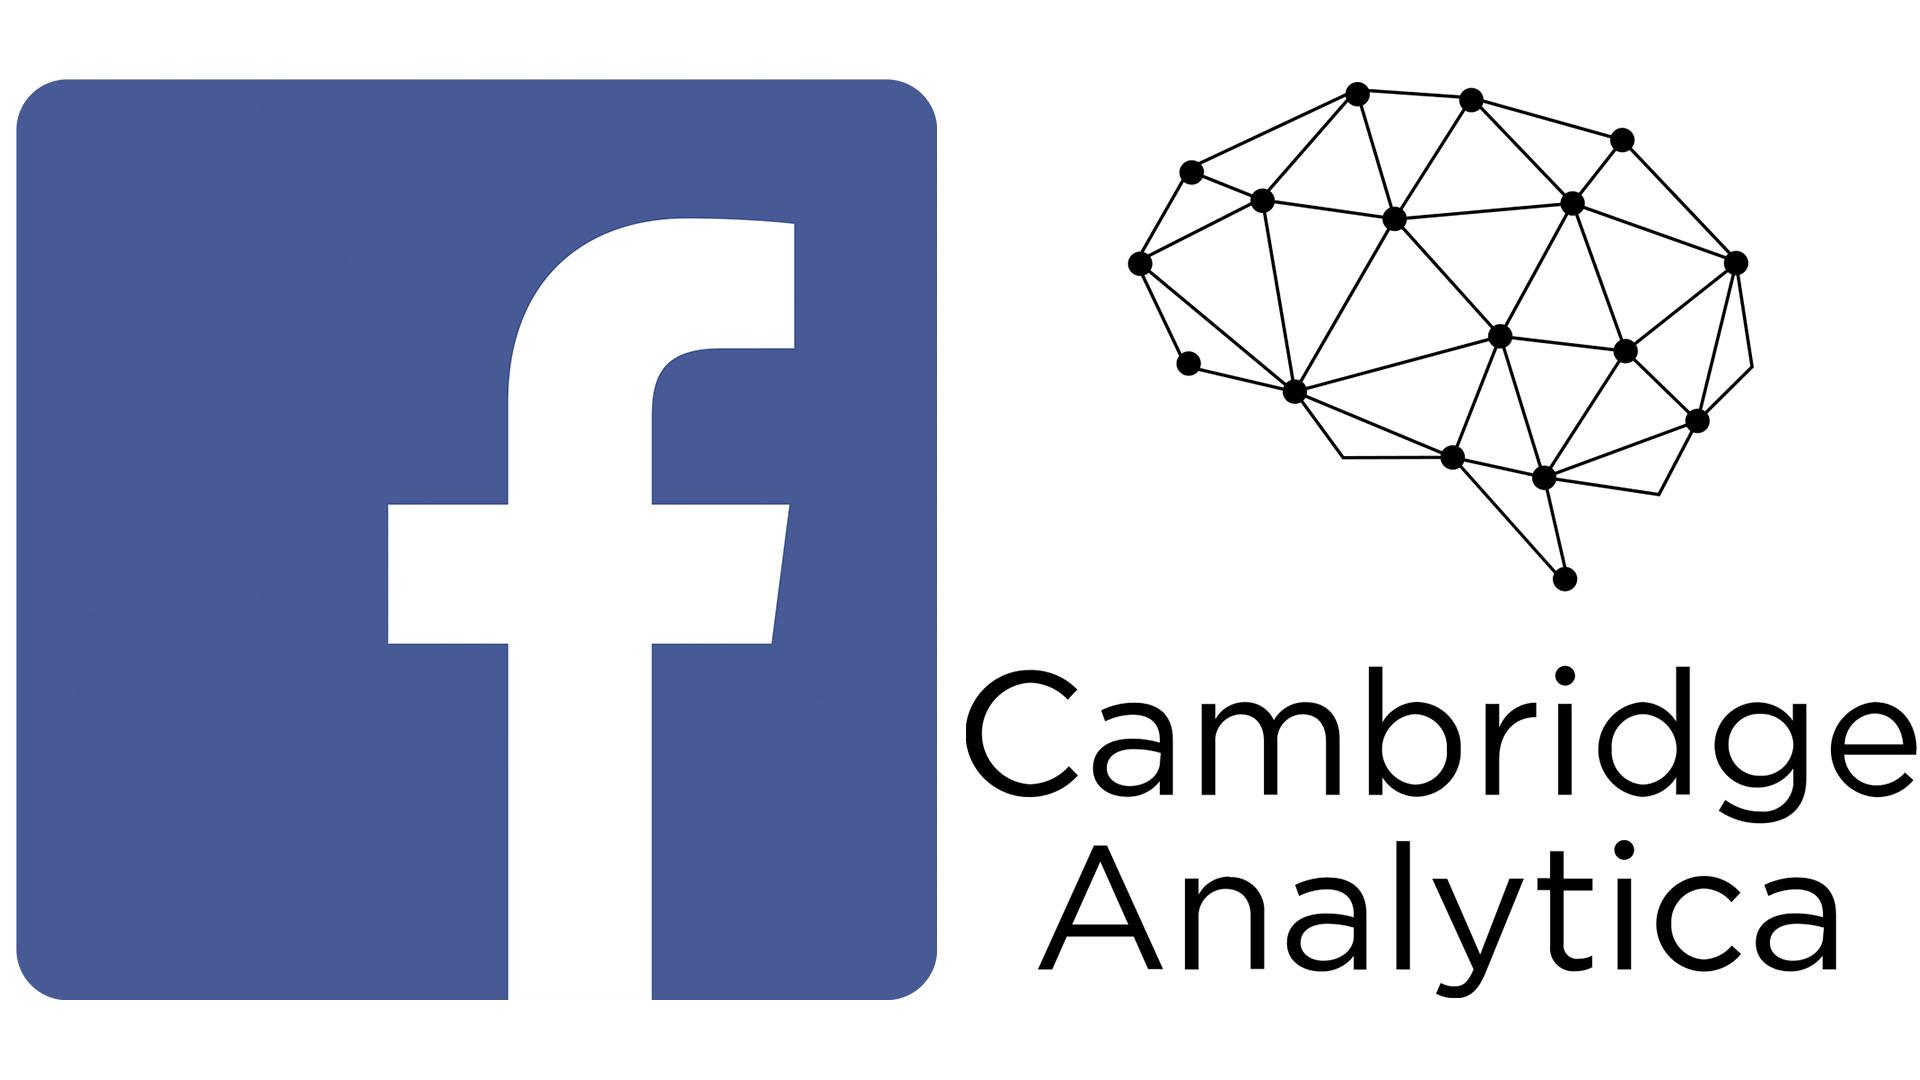 Facebook habría proveído datos de sus usuarios a Cambridge Analytica en 2014.